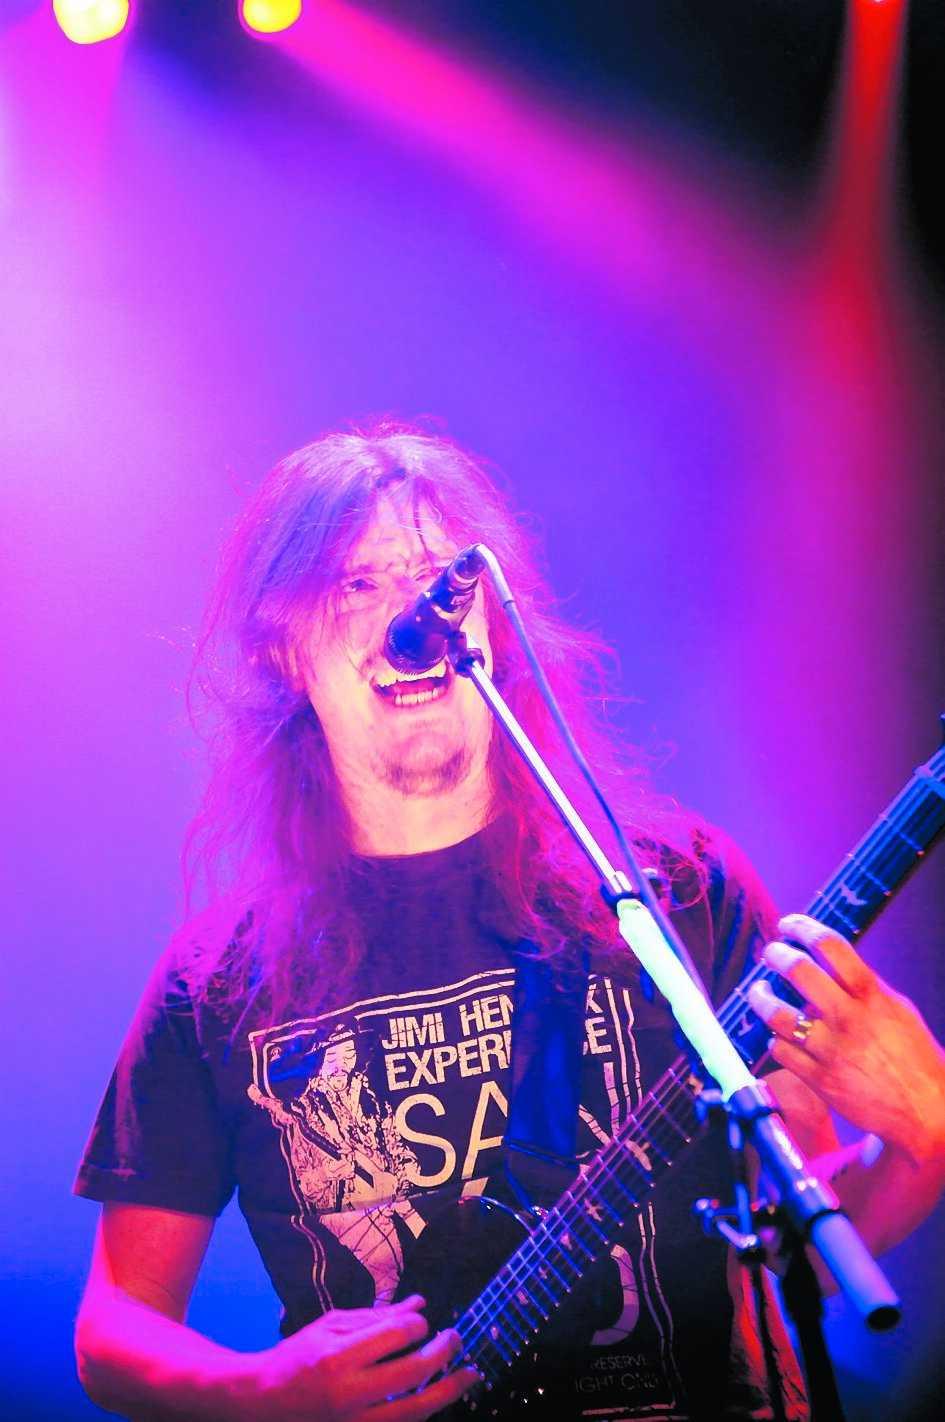 PREMIÄRNERVIGA Mikael Åkerfeldt och hans Opeth fortsätter sitt 20-årsfirande på Sweden rock festival i Blekinge den 12 juni.